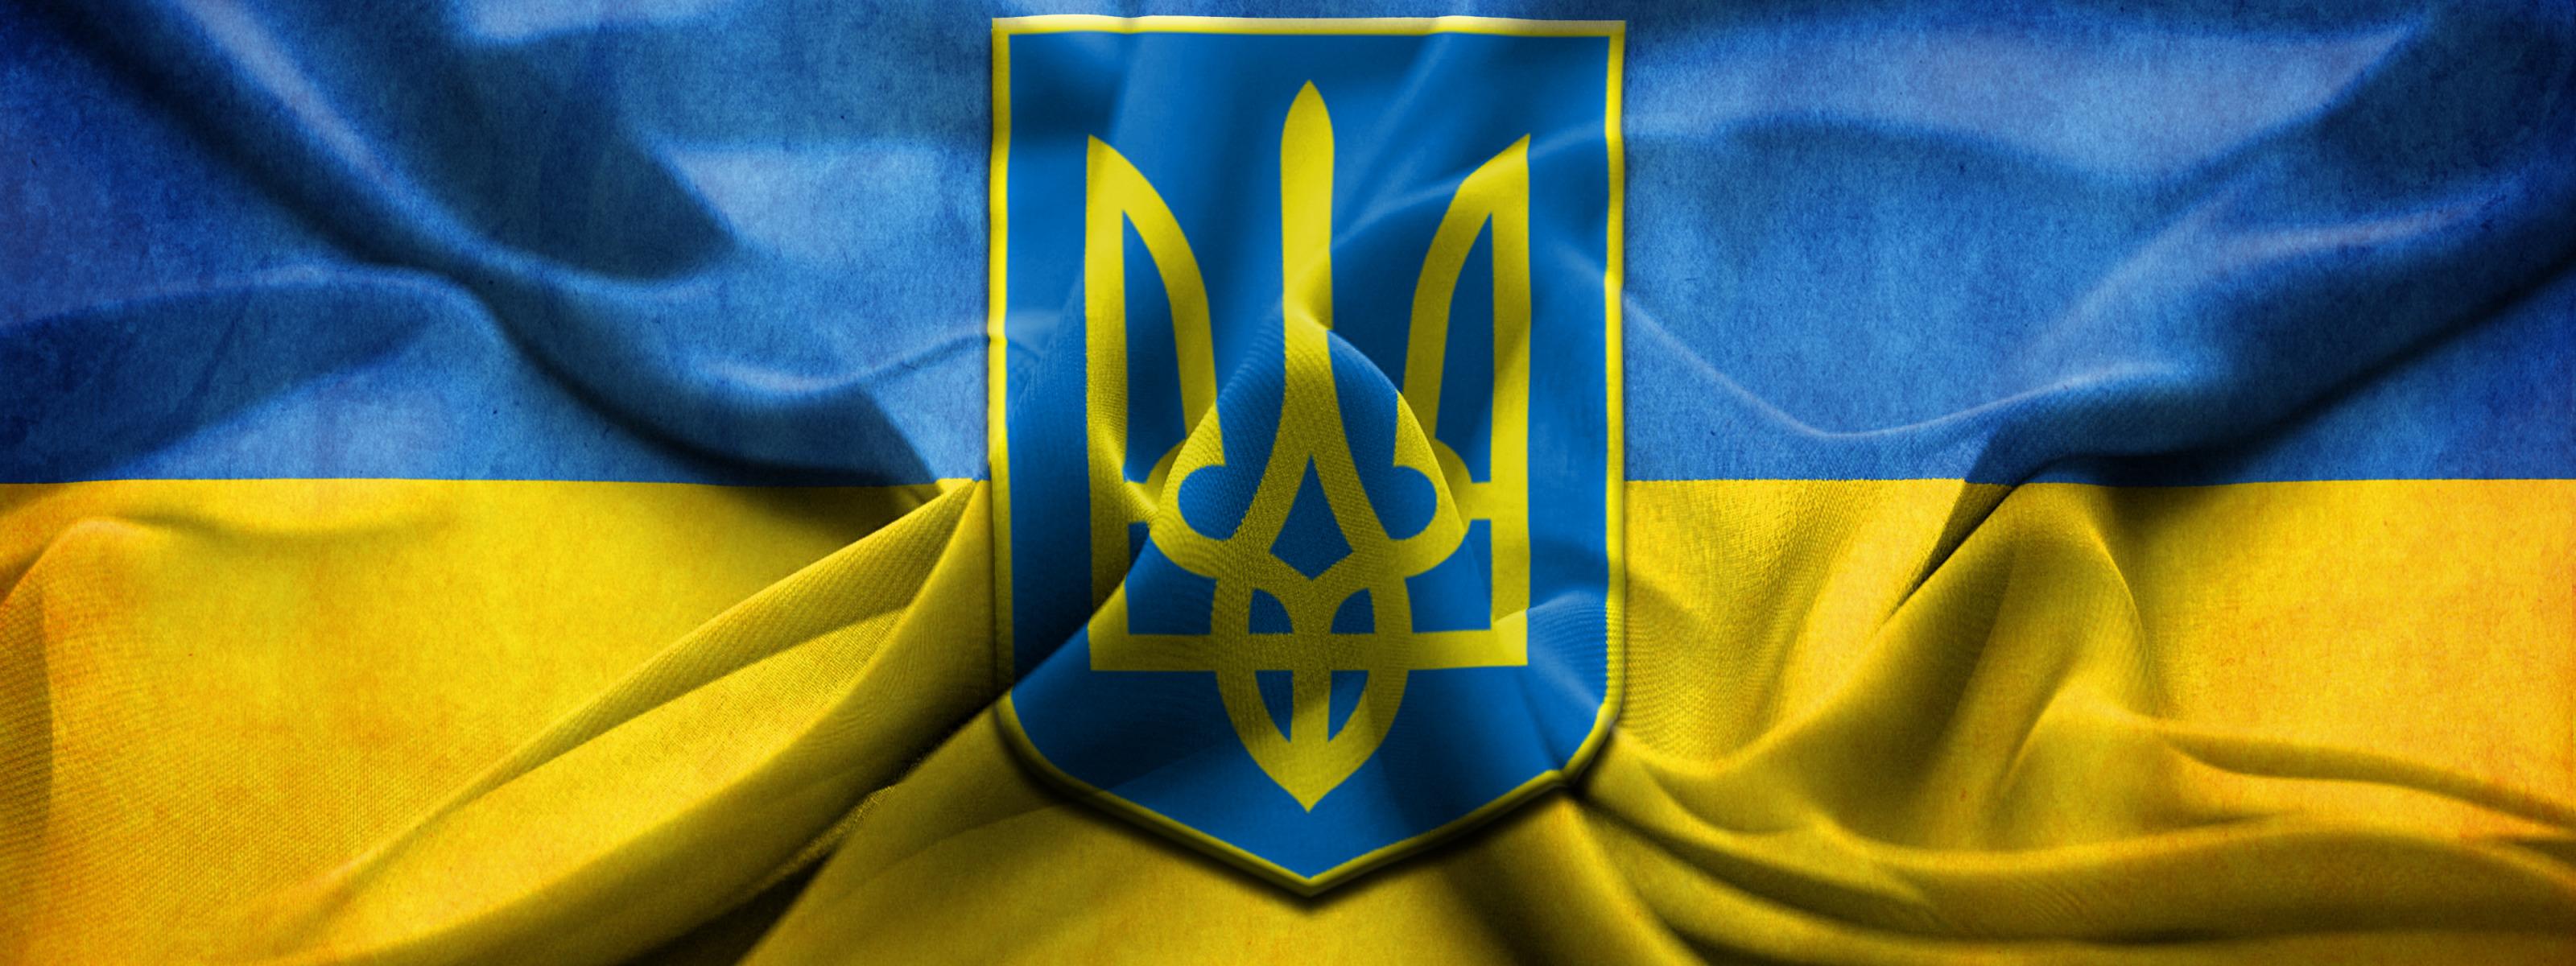 также картинка на фоне украинского флага размещает гостей ограниченными